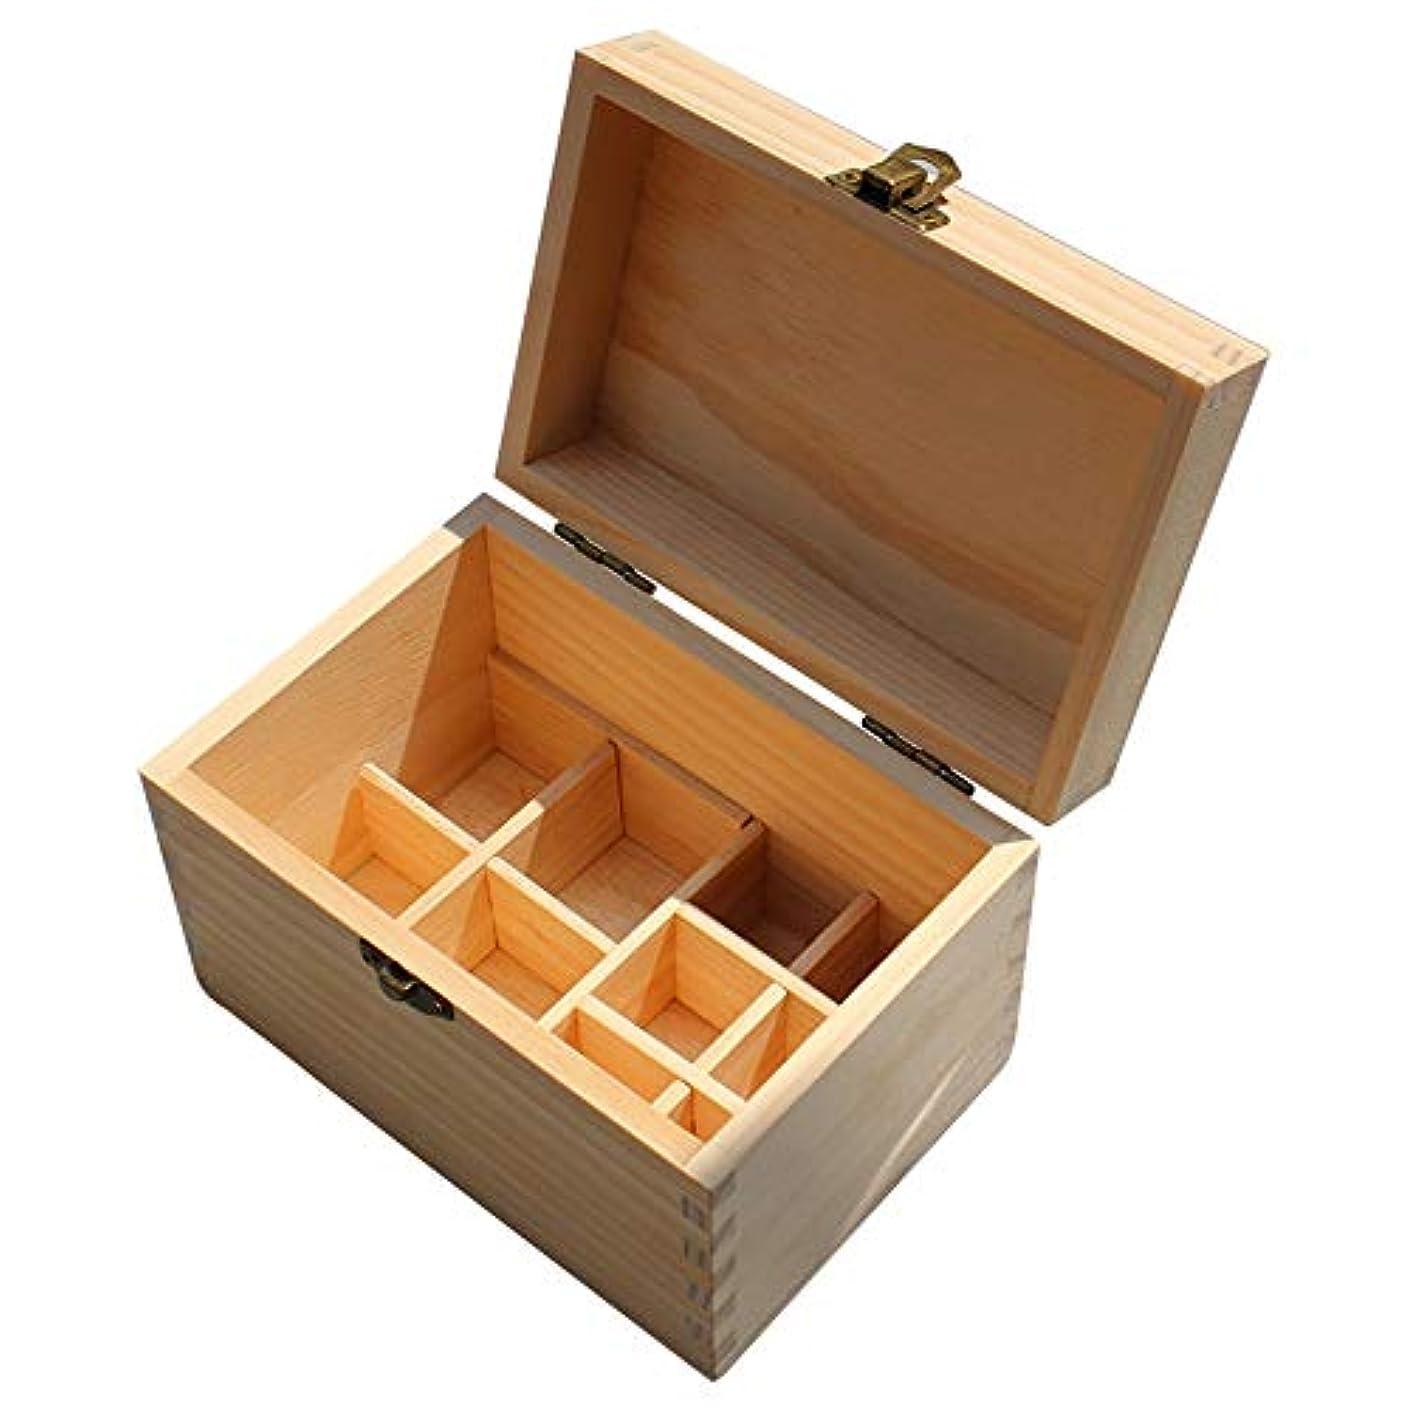 インゲンインサートフラグラントエッセンシャルオイルボックス 10スロットの場合、完全なエッセンシャルオイル木箱の主催 アロマセラピー収納ボックス (色 : Natural, サイズ : 16.2X10.8X11CM)